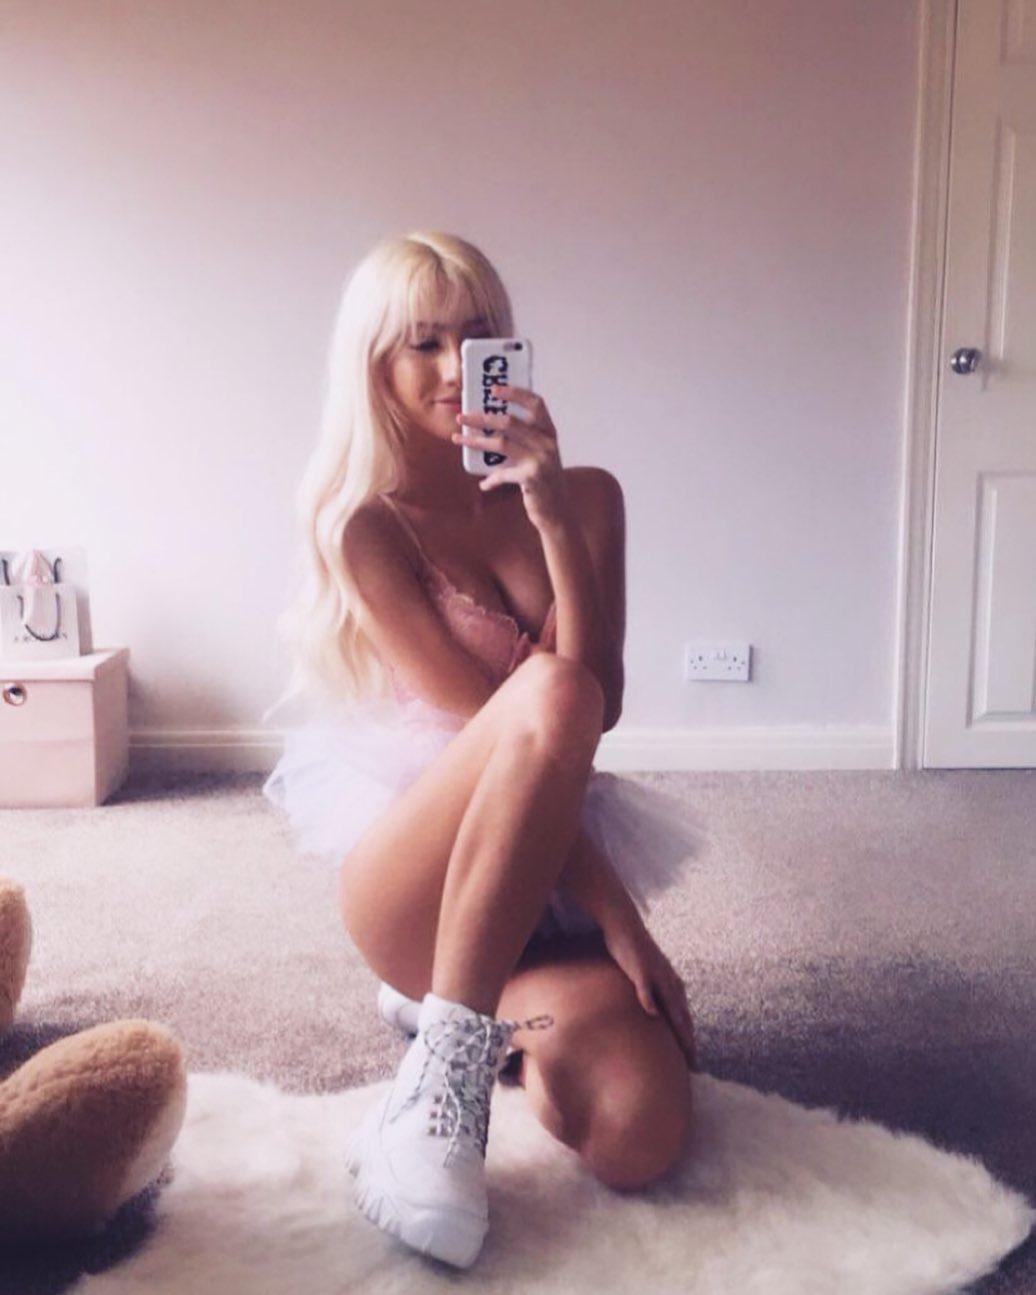 Кассирша Элли Мэй из супермаркета начала выкладывать пошлые фото в сеть